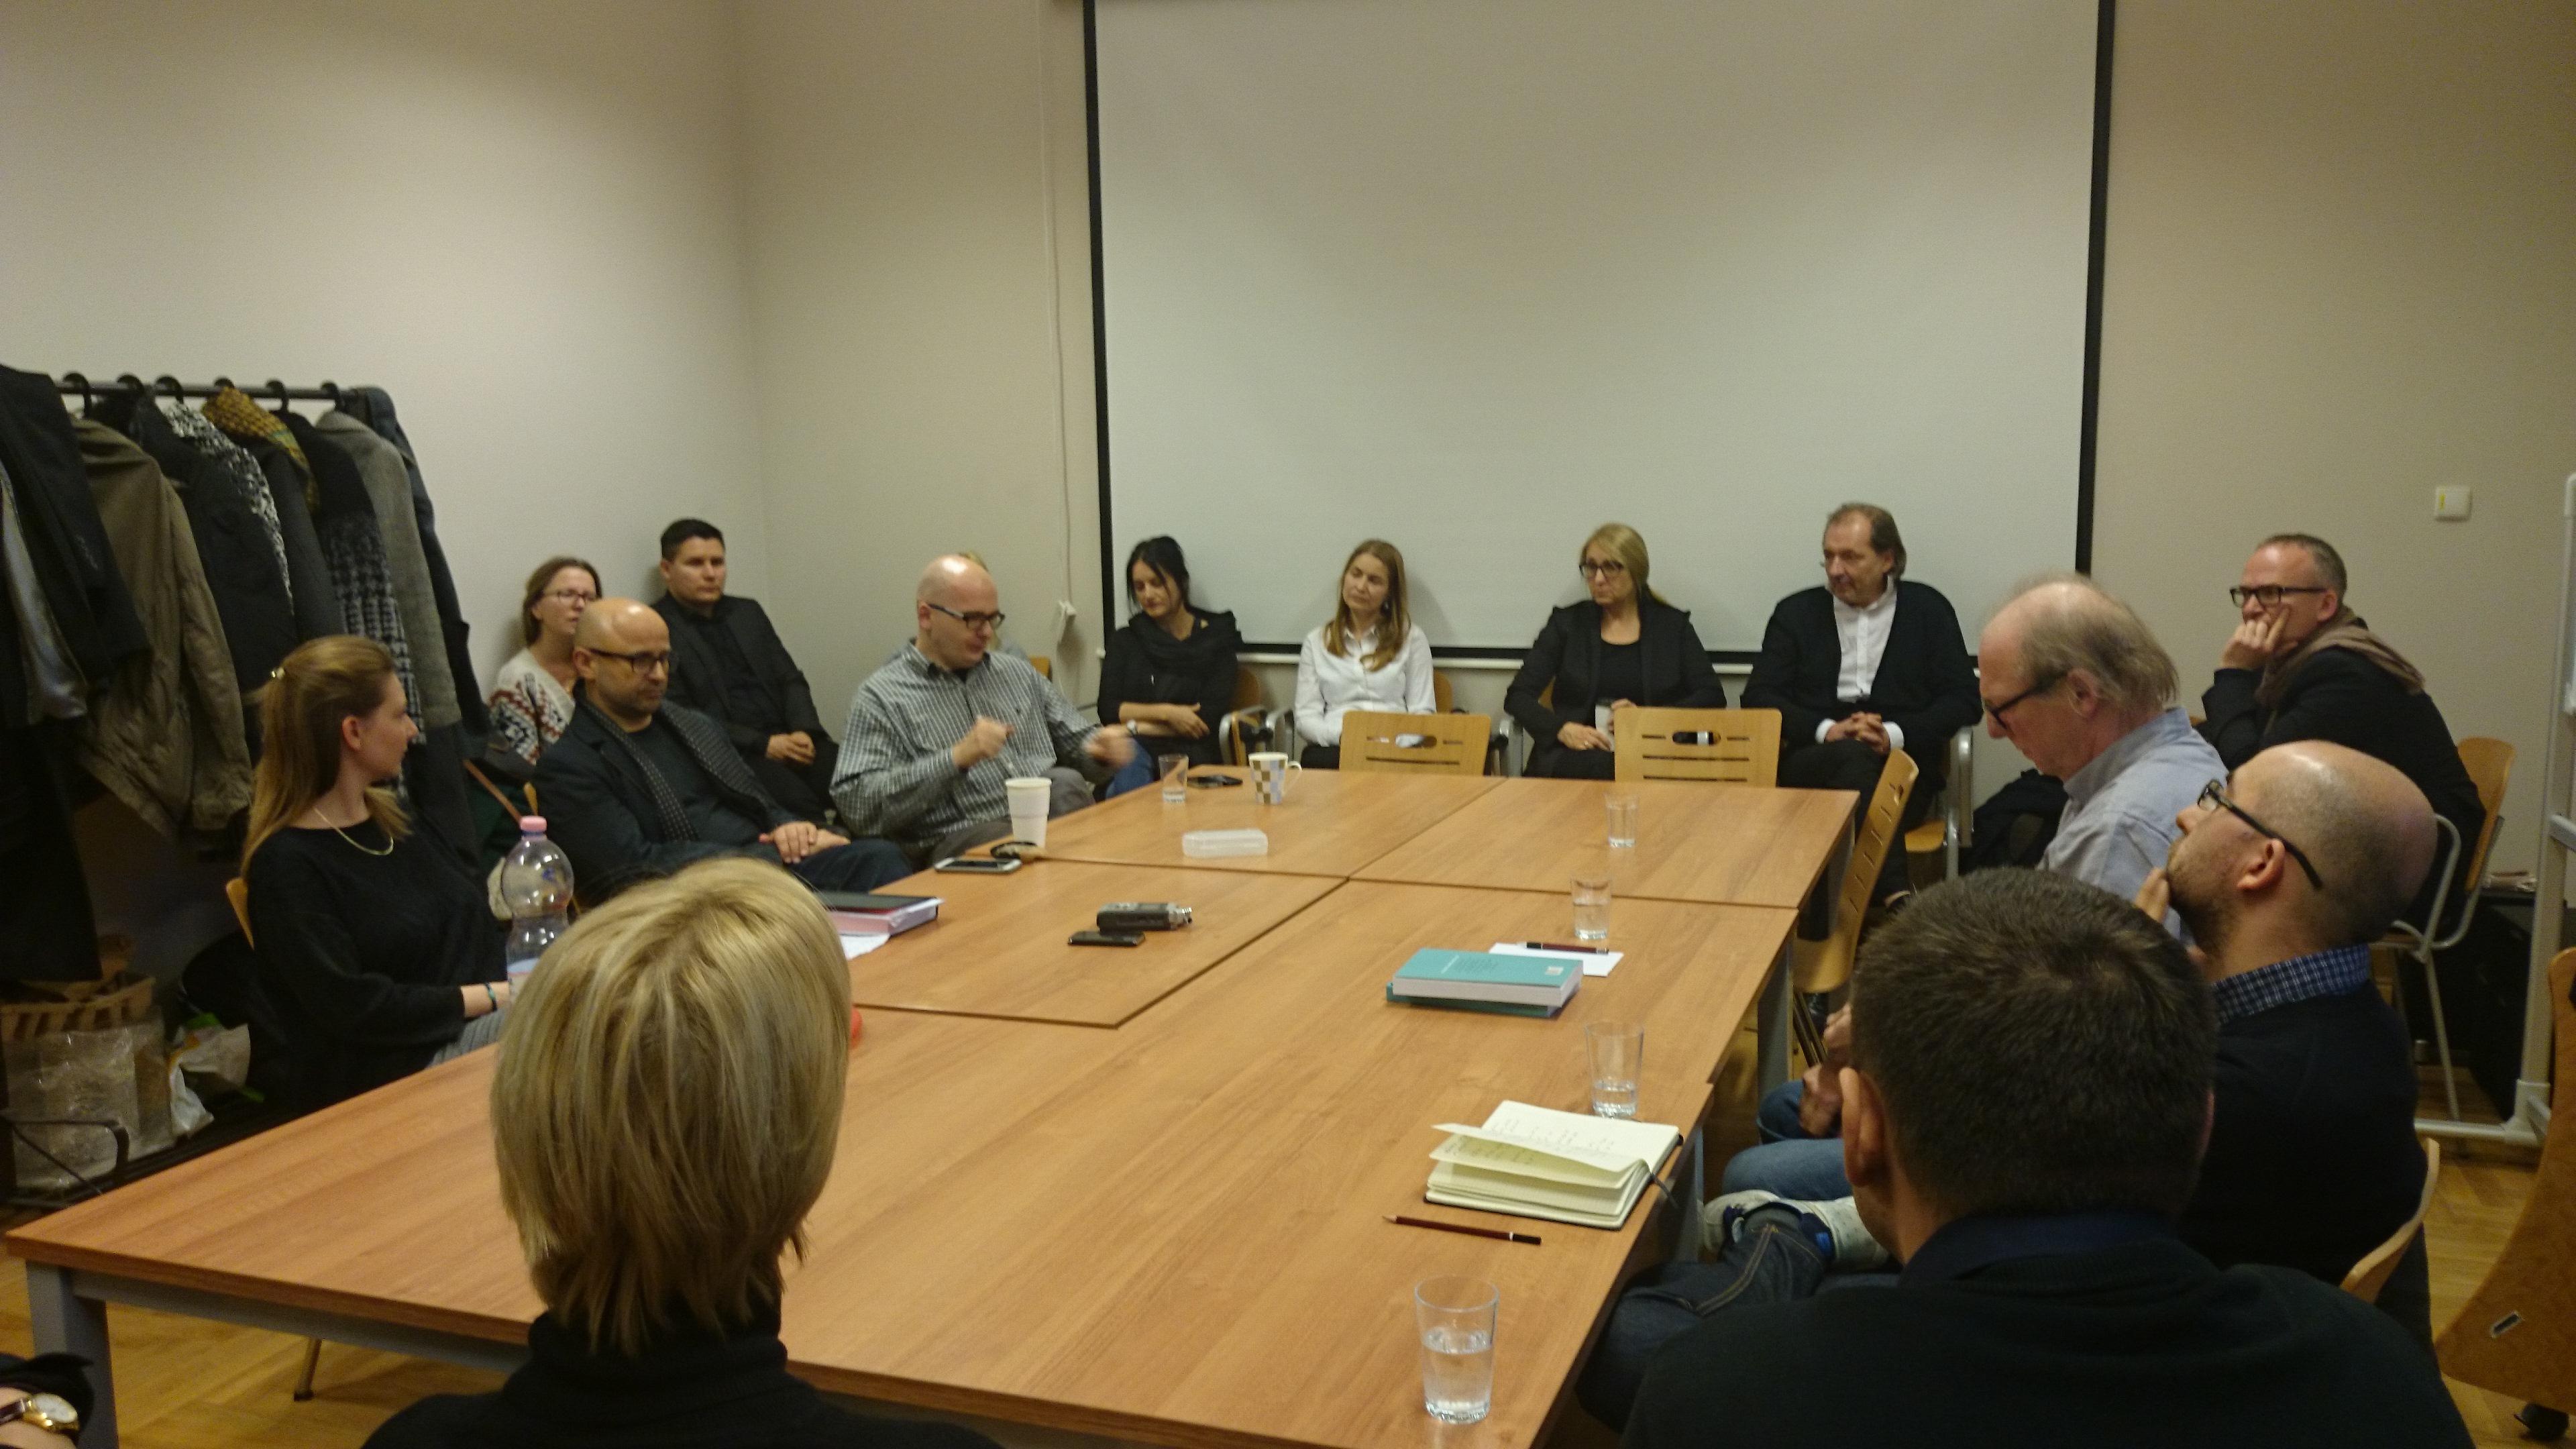 """Dyskusja """"Jaka akademia?"""" naAkademii Sztuki wSzczecinie, przy stole siedzą: Kamil Kuskowski, Waldemar Wojciechowski,"""